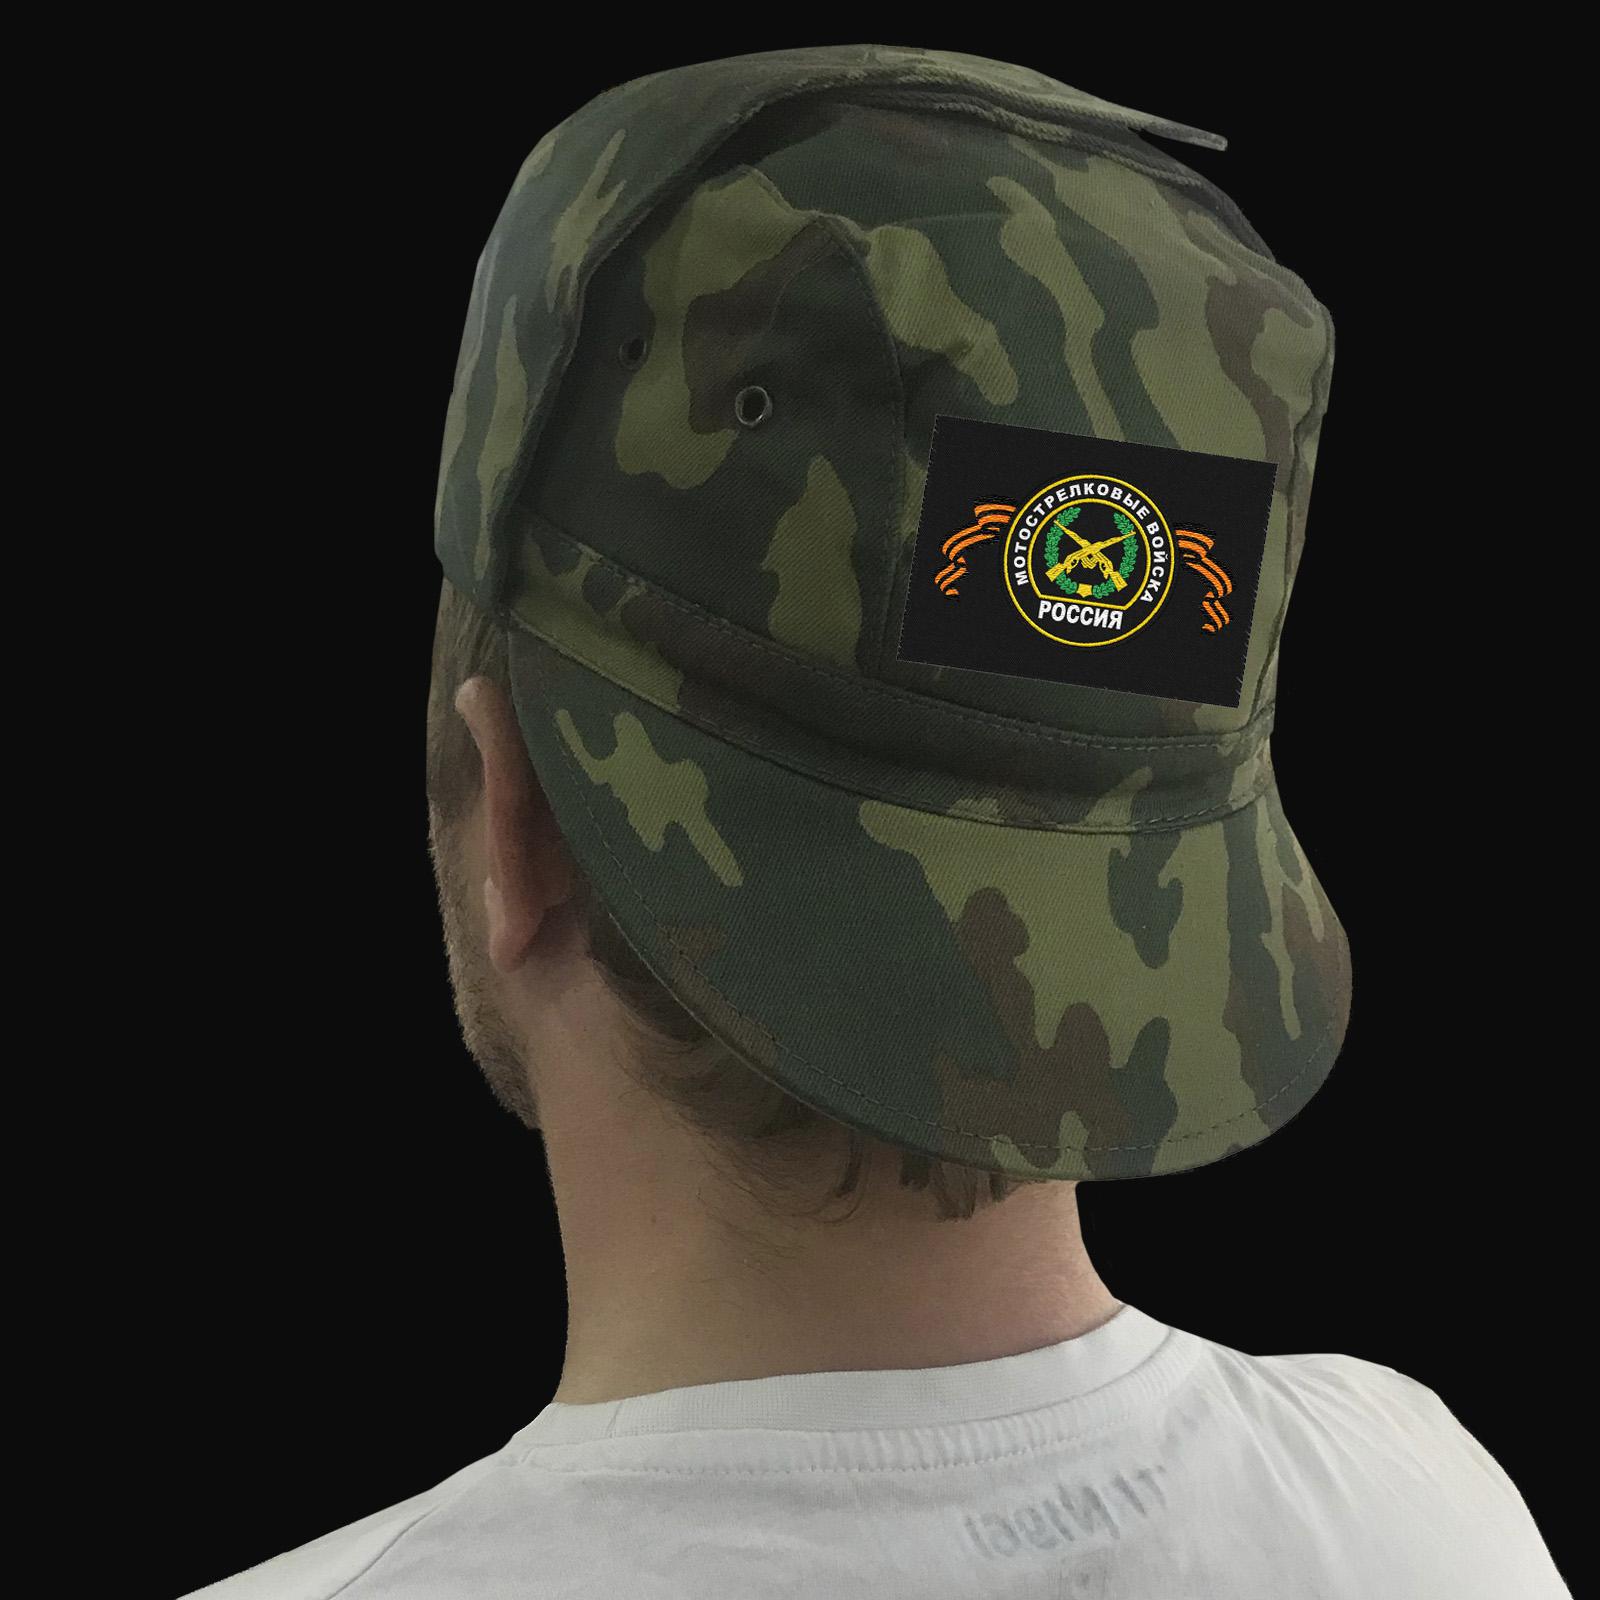 Милитари кепки с символикой различных родов войск РФ – наличие